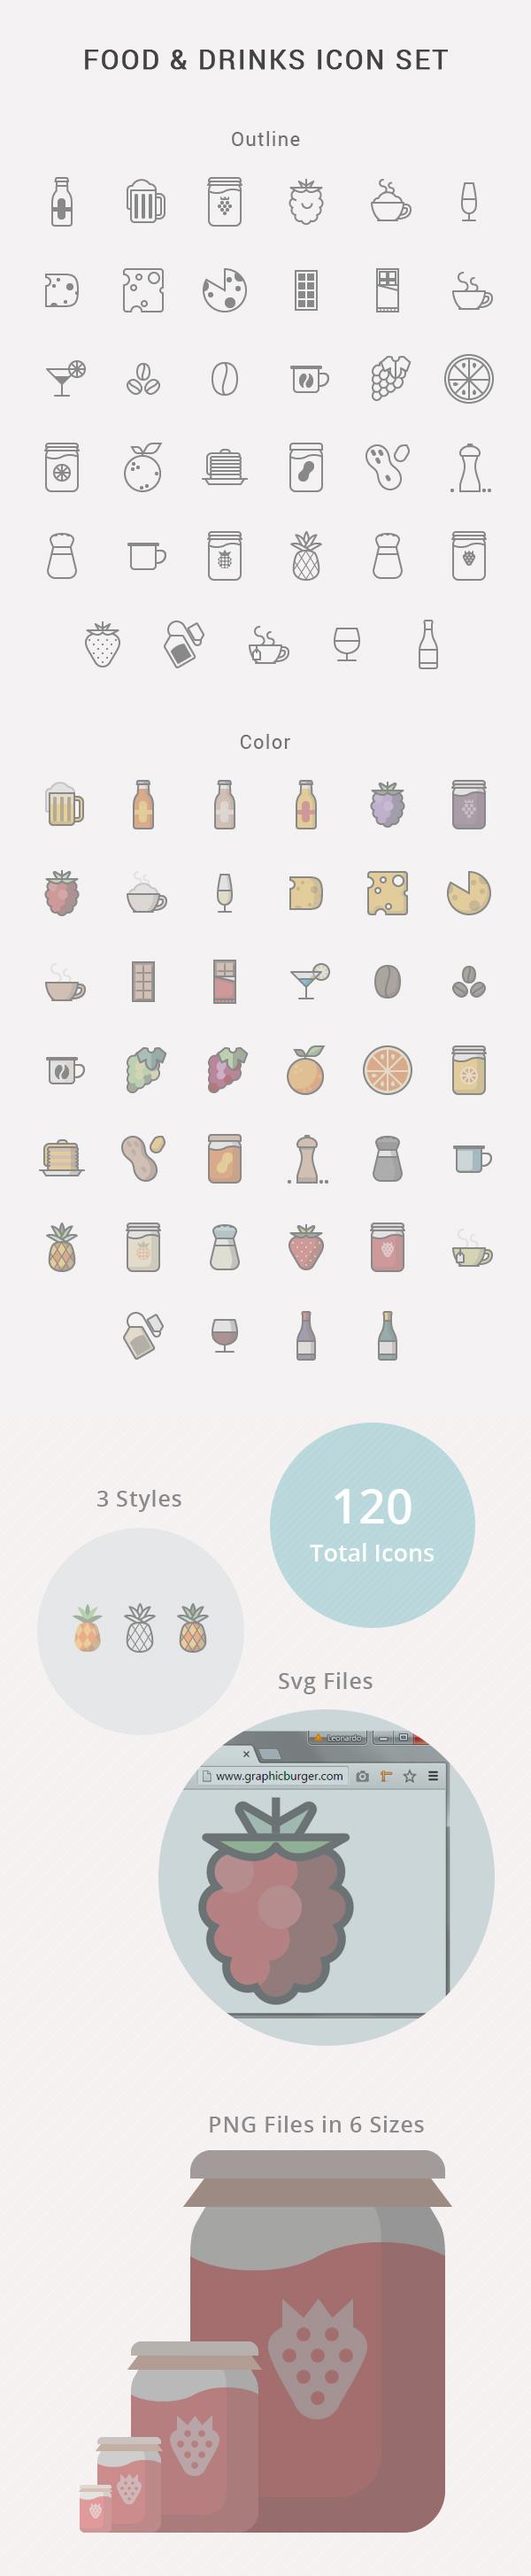 icons-600